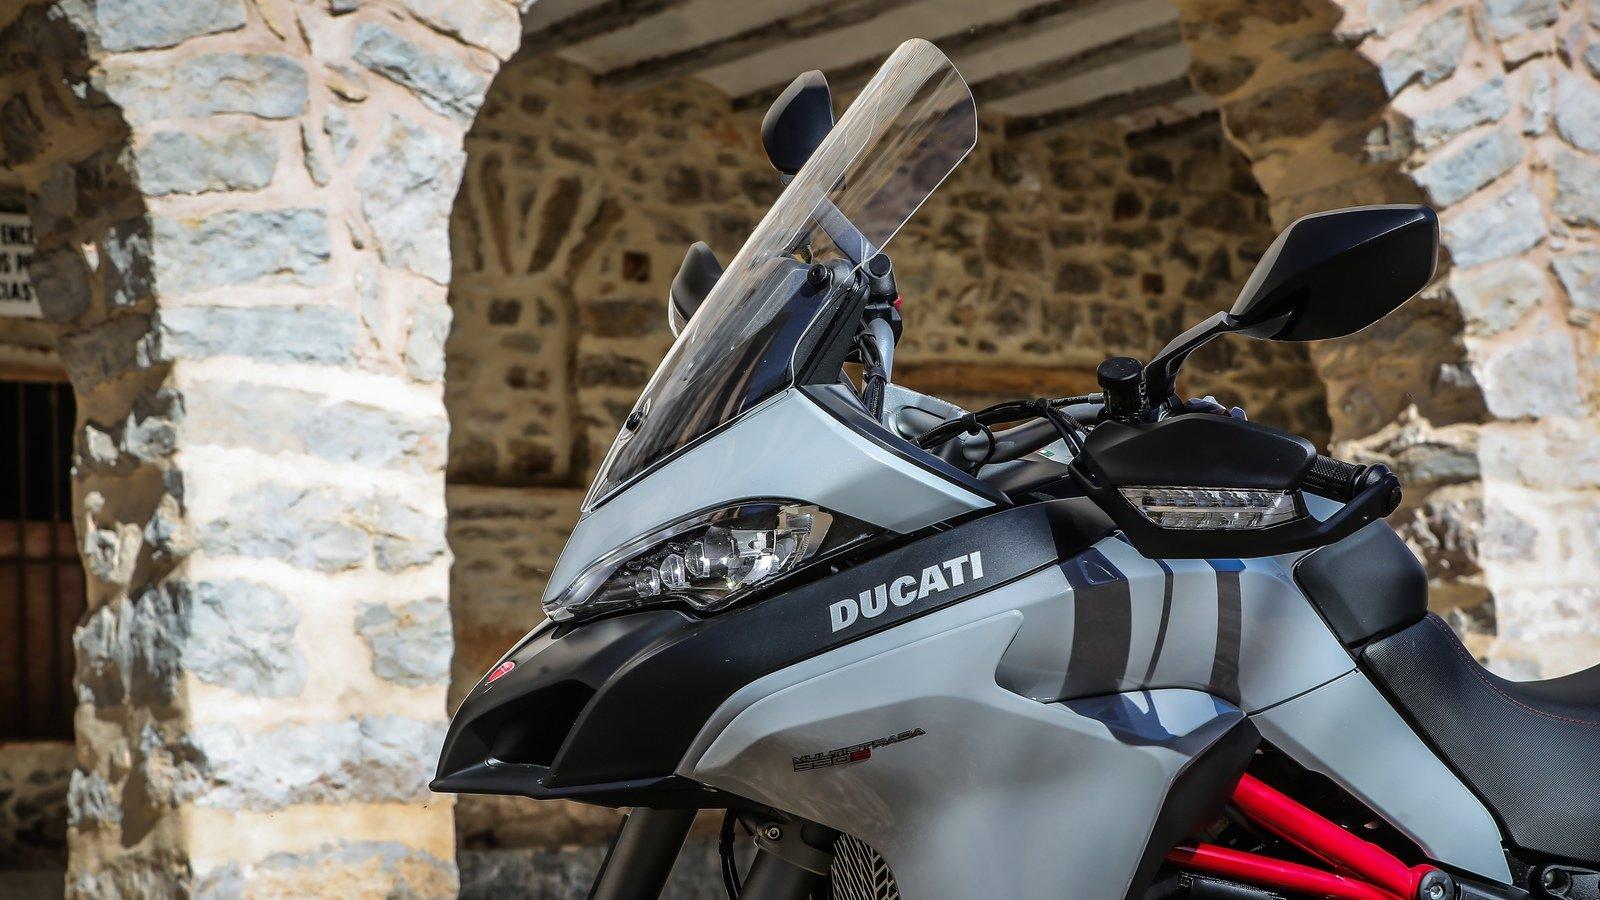 Ducati 2017 sales report